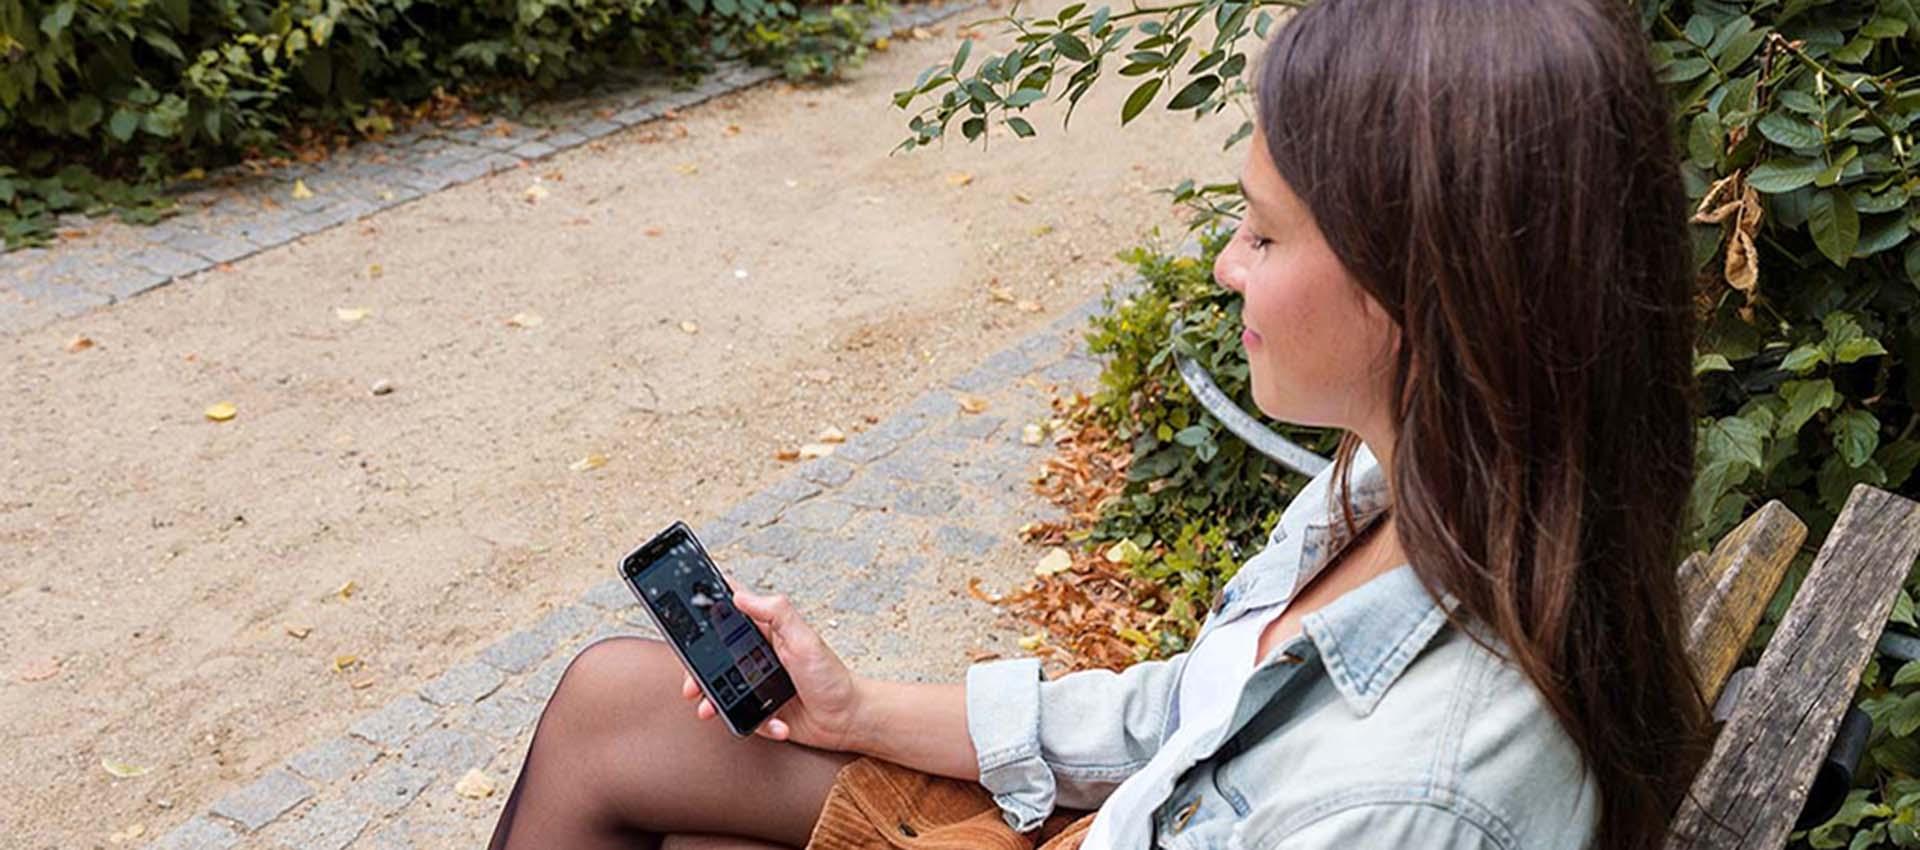 Mit tolino Geschichten lesen und hören, ganz ohne Datenvolumen zu verbrauchen